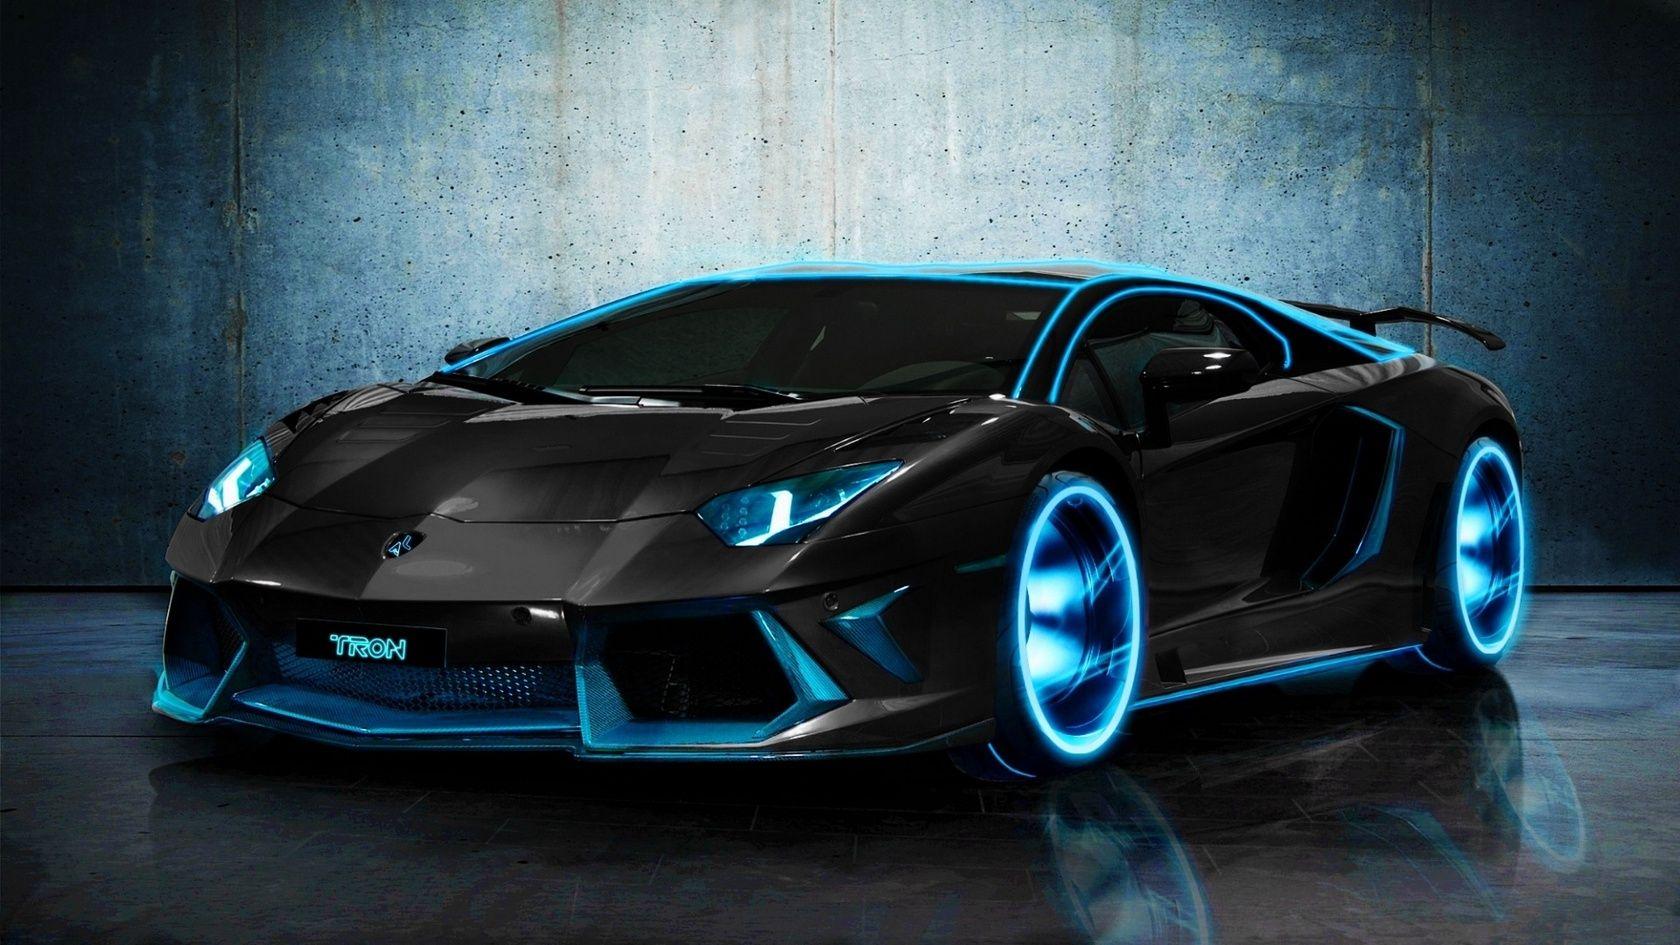 lamborghini aventador the greatest new car from italy enginestars